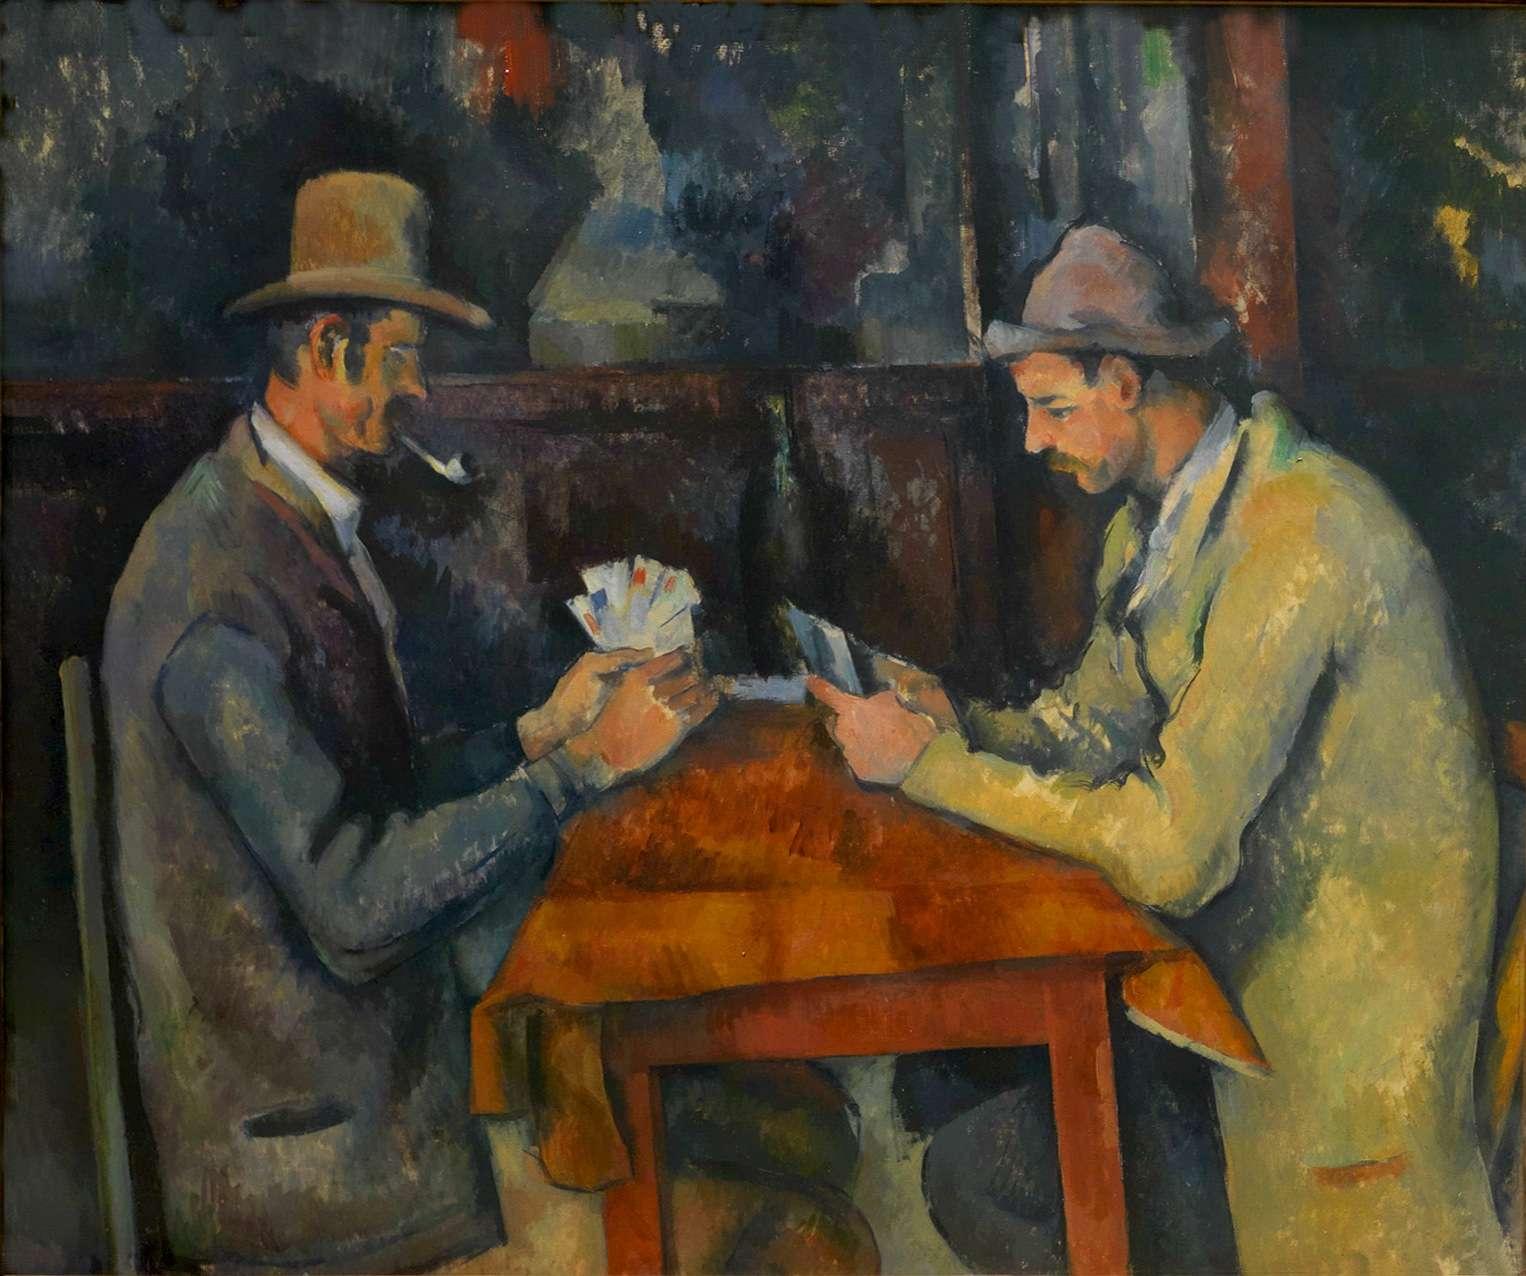 Πωλ Σεζάν. Οι χαρτοπαίκτες, 1892-1895 Courtauld Institute of Art.